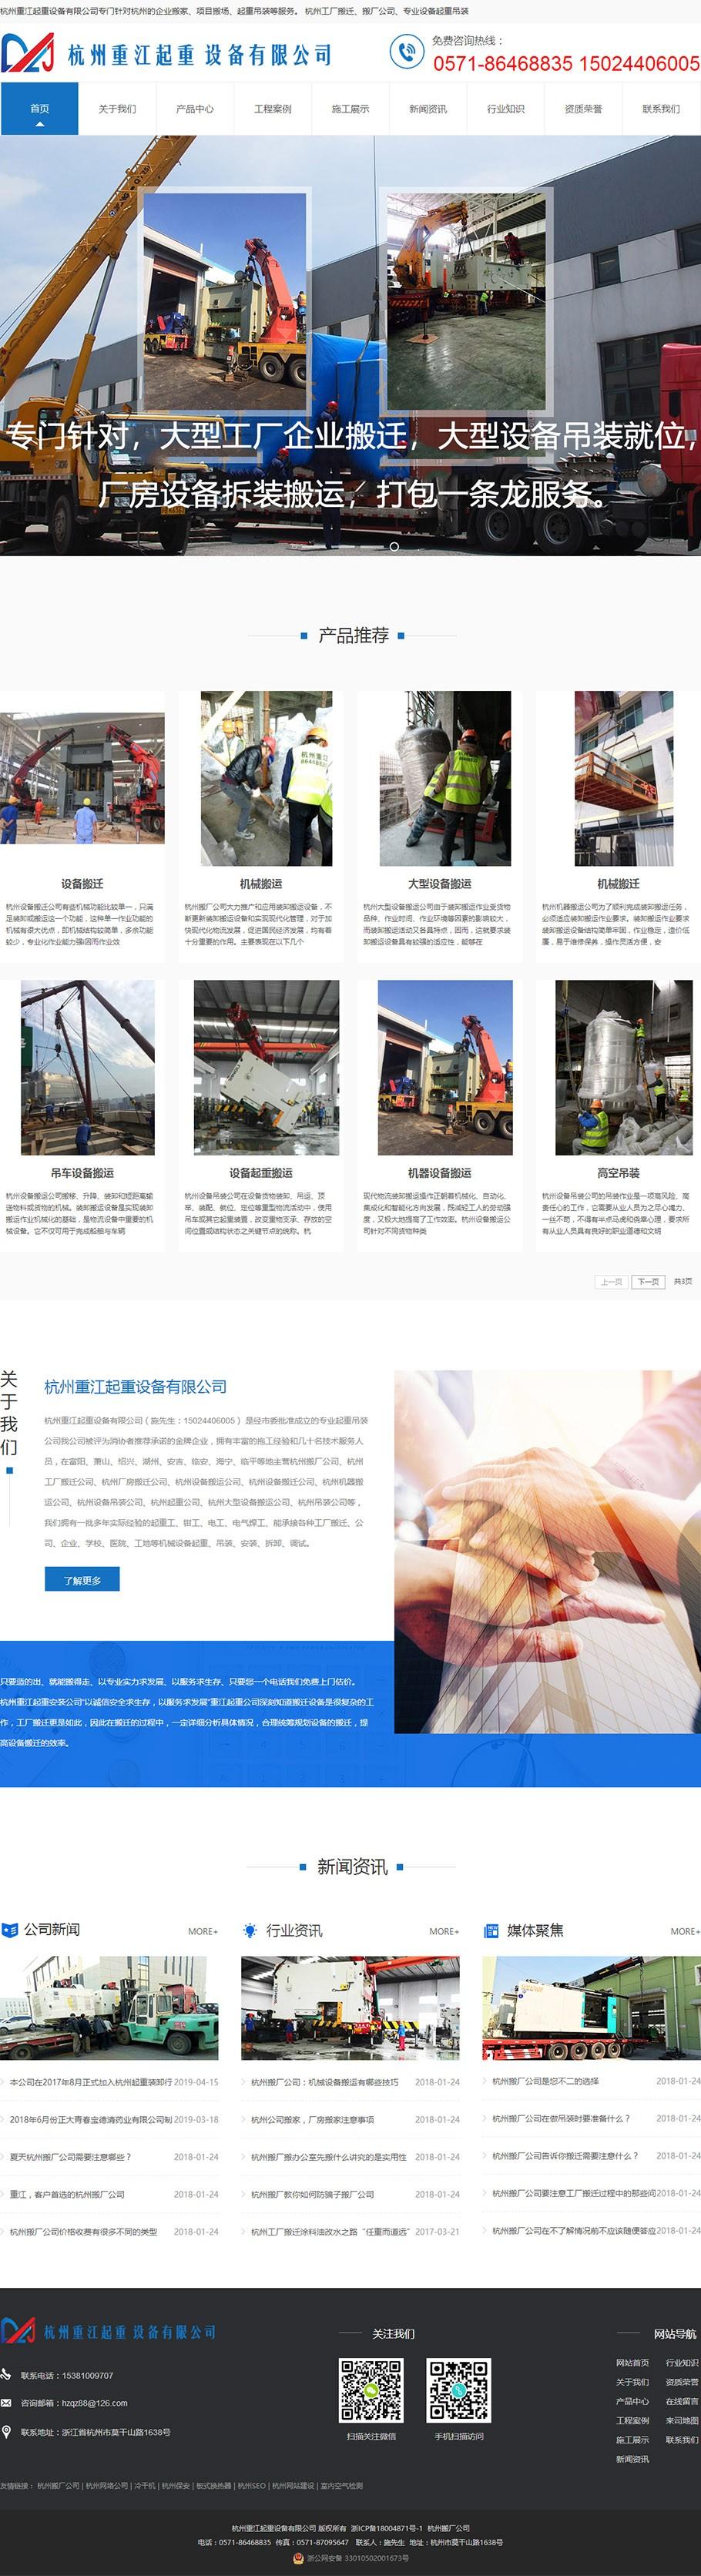 杭州工厂搬迁、搬厂公司、专业设备起重吊装.0571-86468835.jpg